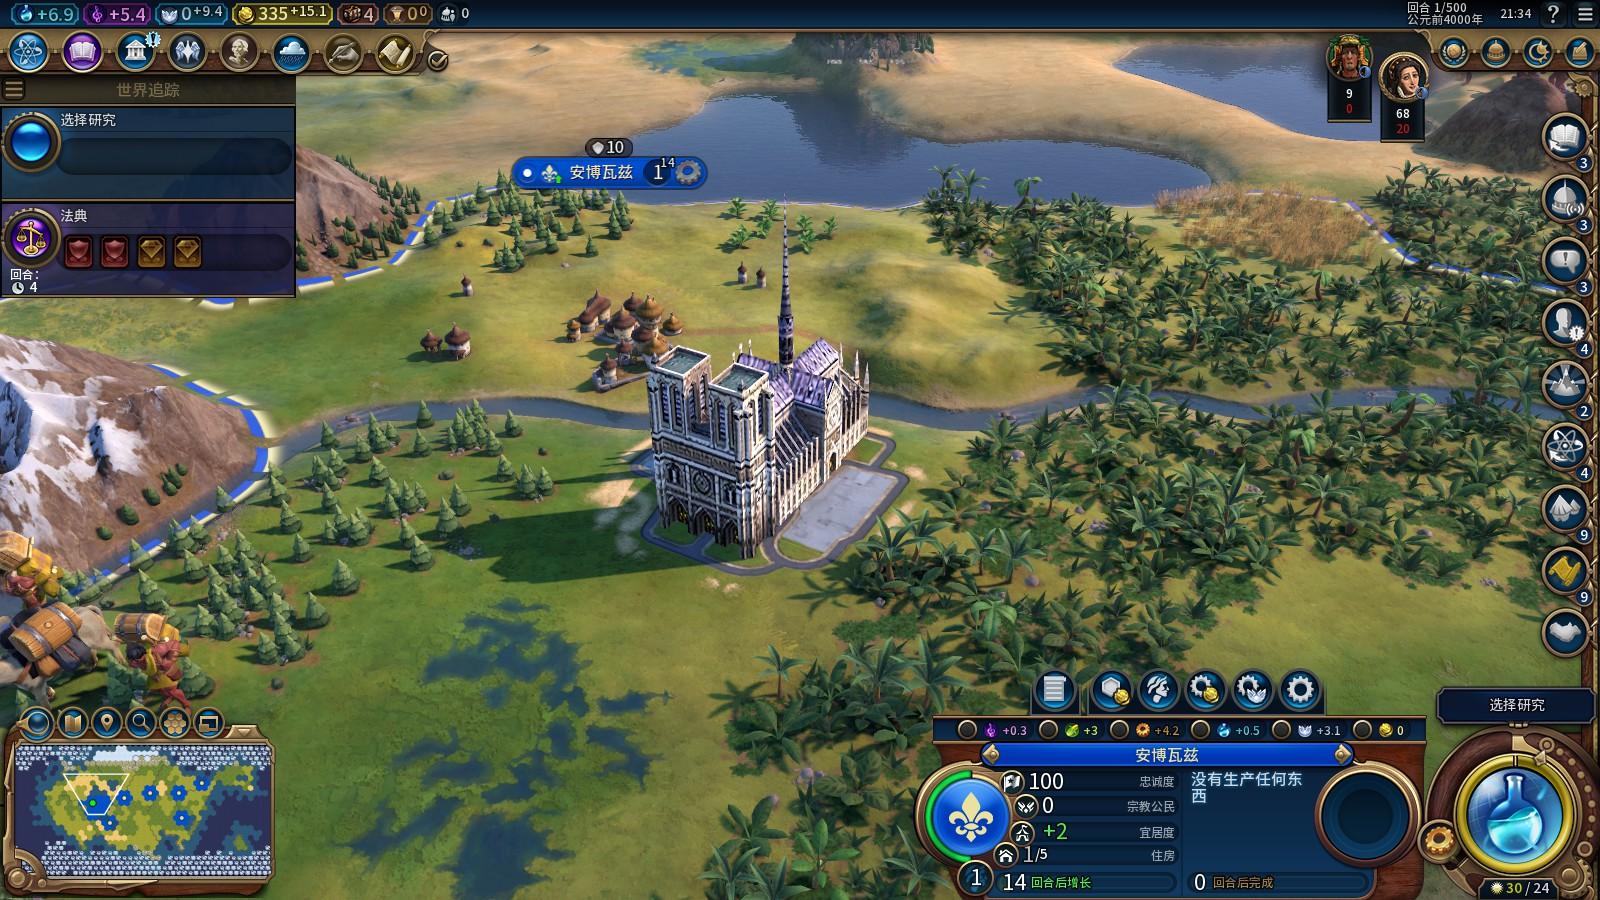 《文明6》新奇观Mod巴黎圣母院 纪念曾经辉煌的名胜古迹